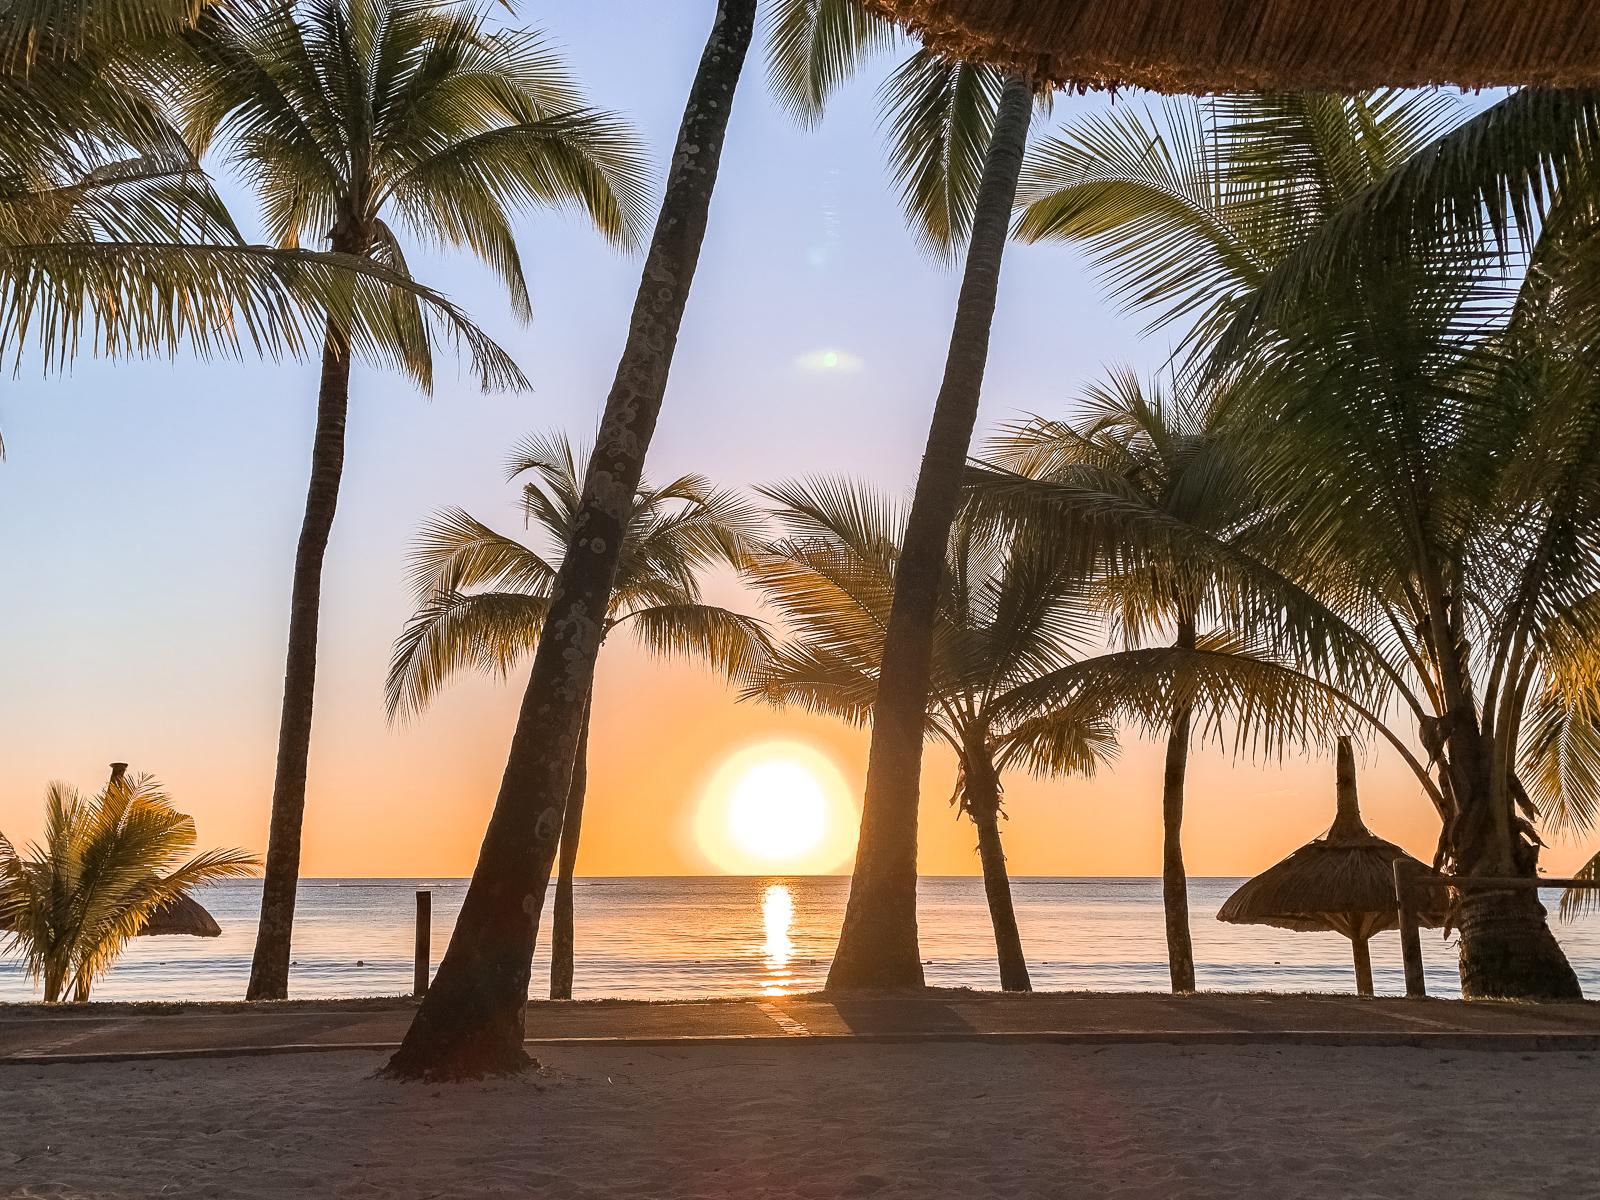 Mauritius Reisebericht - Wissenswertes und Highlights der Trauminsel - Mauritius Reise - Mauritius Sehenswürdigkeiten - Mauritius Flitterwochen - Traumreise - Paradies - schönste Insel - Traumurlaub -Tipps für Mauritius - Mauritus Reiseführer - Mauritius Travel Guide - Sonnenuntergang am Trou aux Biches Beach - Fashionladyloves by Tamara